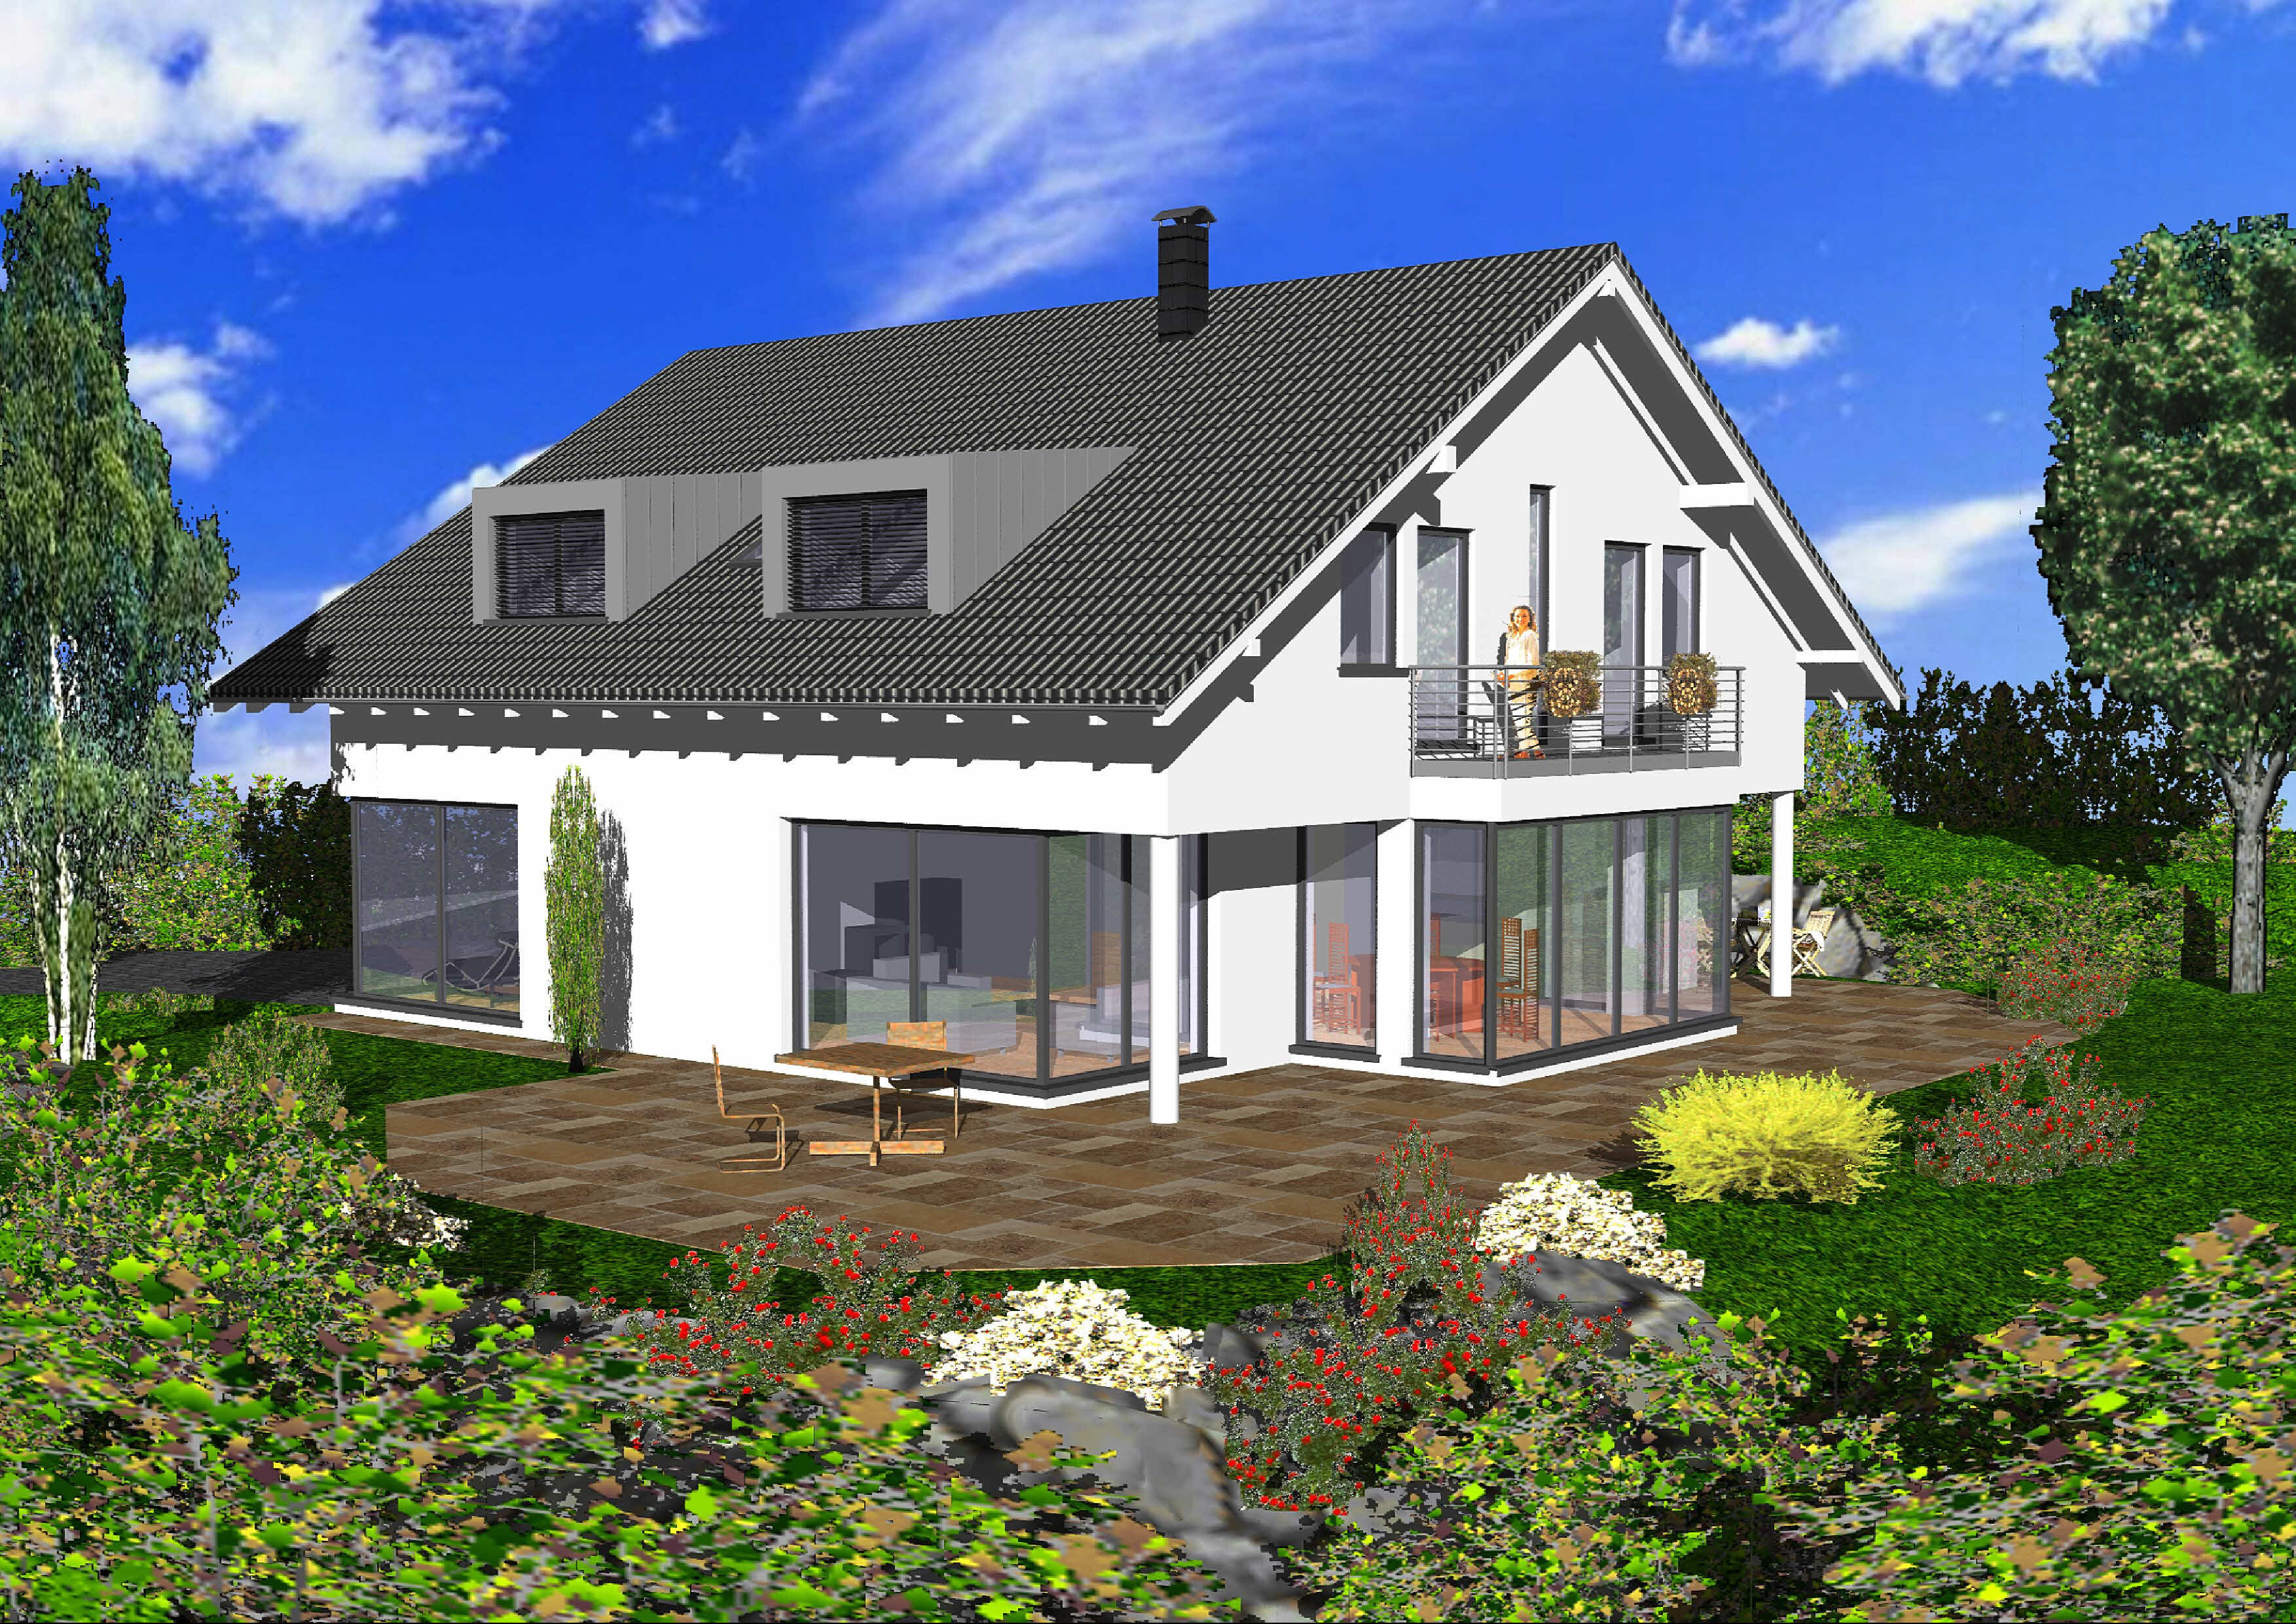 Korschenbroich-West: Erste architektonische Hausentwürfe